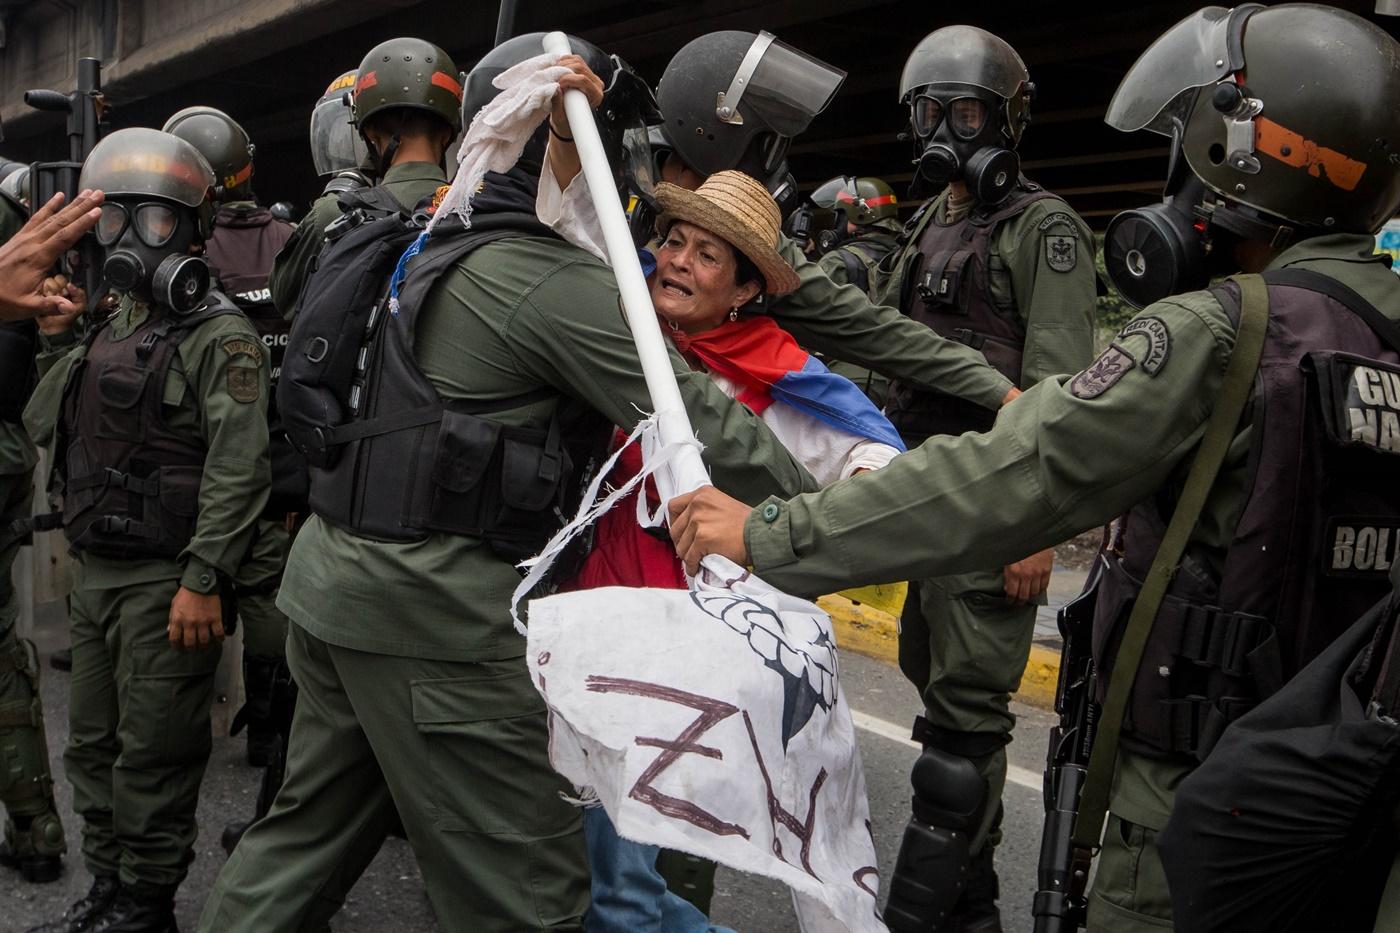 CAR013. CARACAS (VENEZUELA), 03/05/2017 - Militares retiran a una mujer que bloqueaba el paso de una tanqueta de la Guardia Nacional durante una manifestación encabezada por diputados opositores hoy, miércoles 3 de mayo de 2017, en Caracas (Venezuela). La Guardia Nacional Bolivariana (GNB, policía militarizada) de Venezuela dispersó hoy con gases lacrimógenos una movilización opositora en el este de Caracas que pretendía llegar hasta la sede de la Asamblea Nacional (AN, Parlamento), ubicada en el centro de la capital. EFE/MIGUEL GUTIERREZ